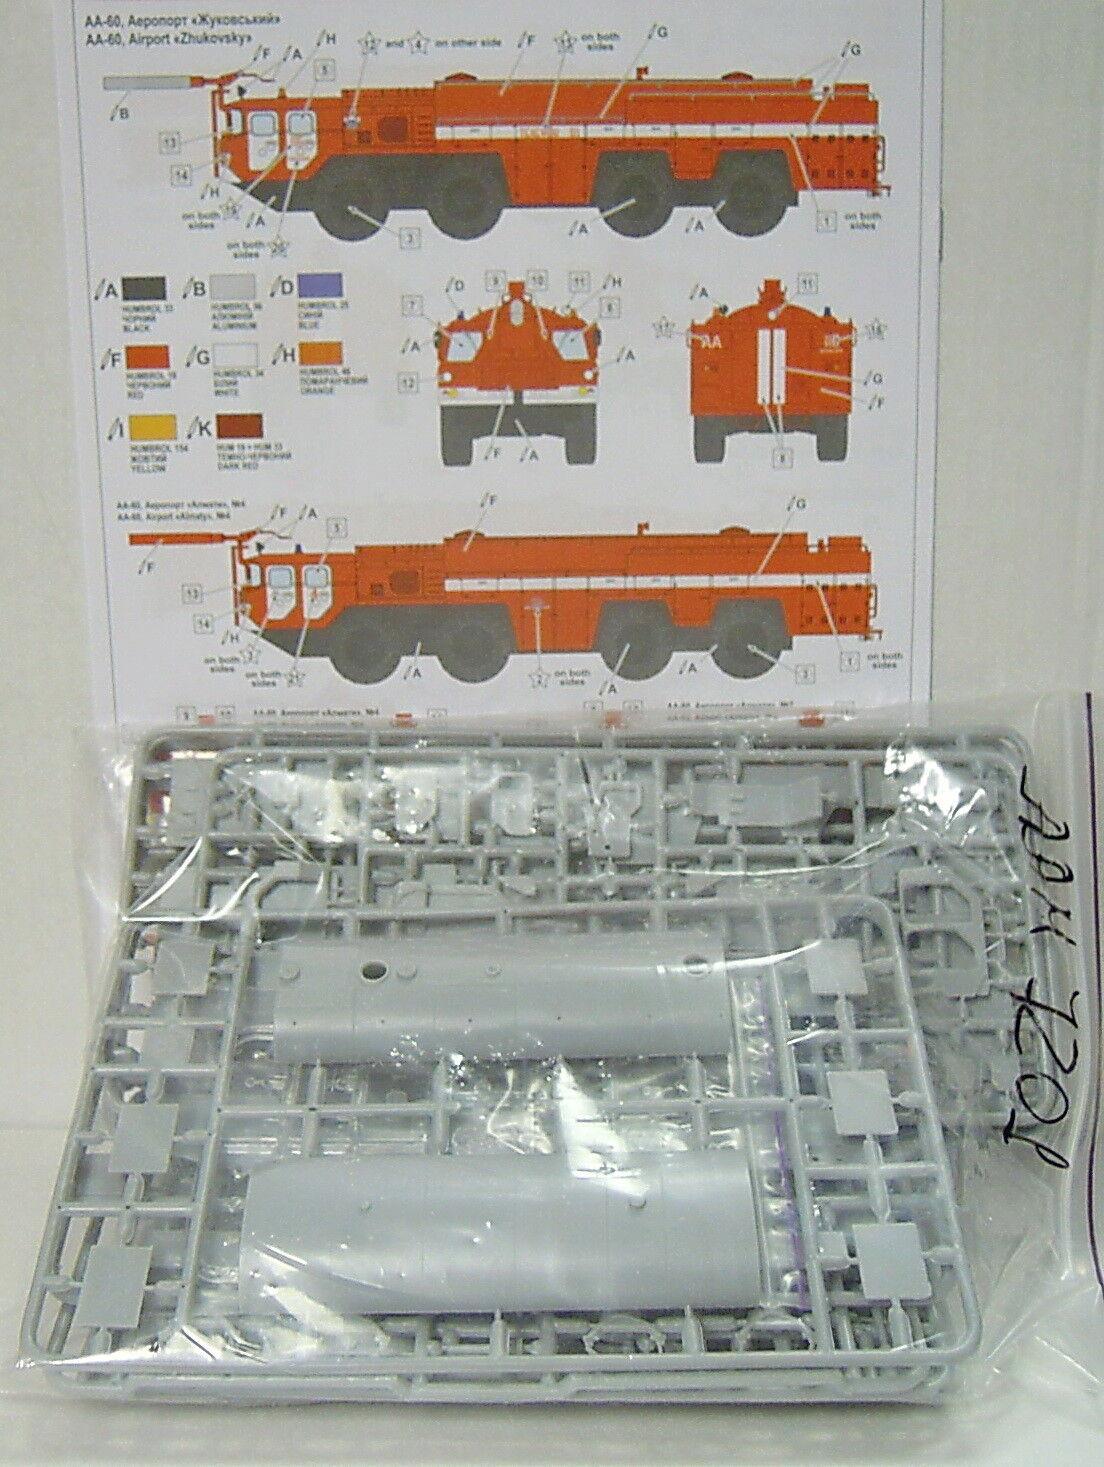 Airport Fire Brigade AA-60, 1 1 1 72, A&A Models, Plastic, NEW 76a0d6